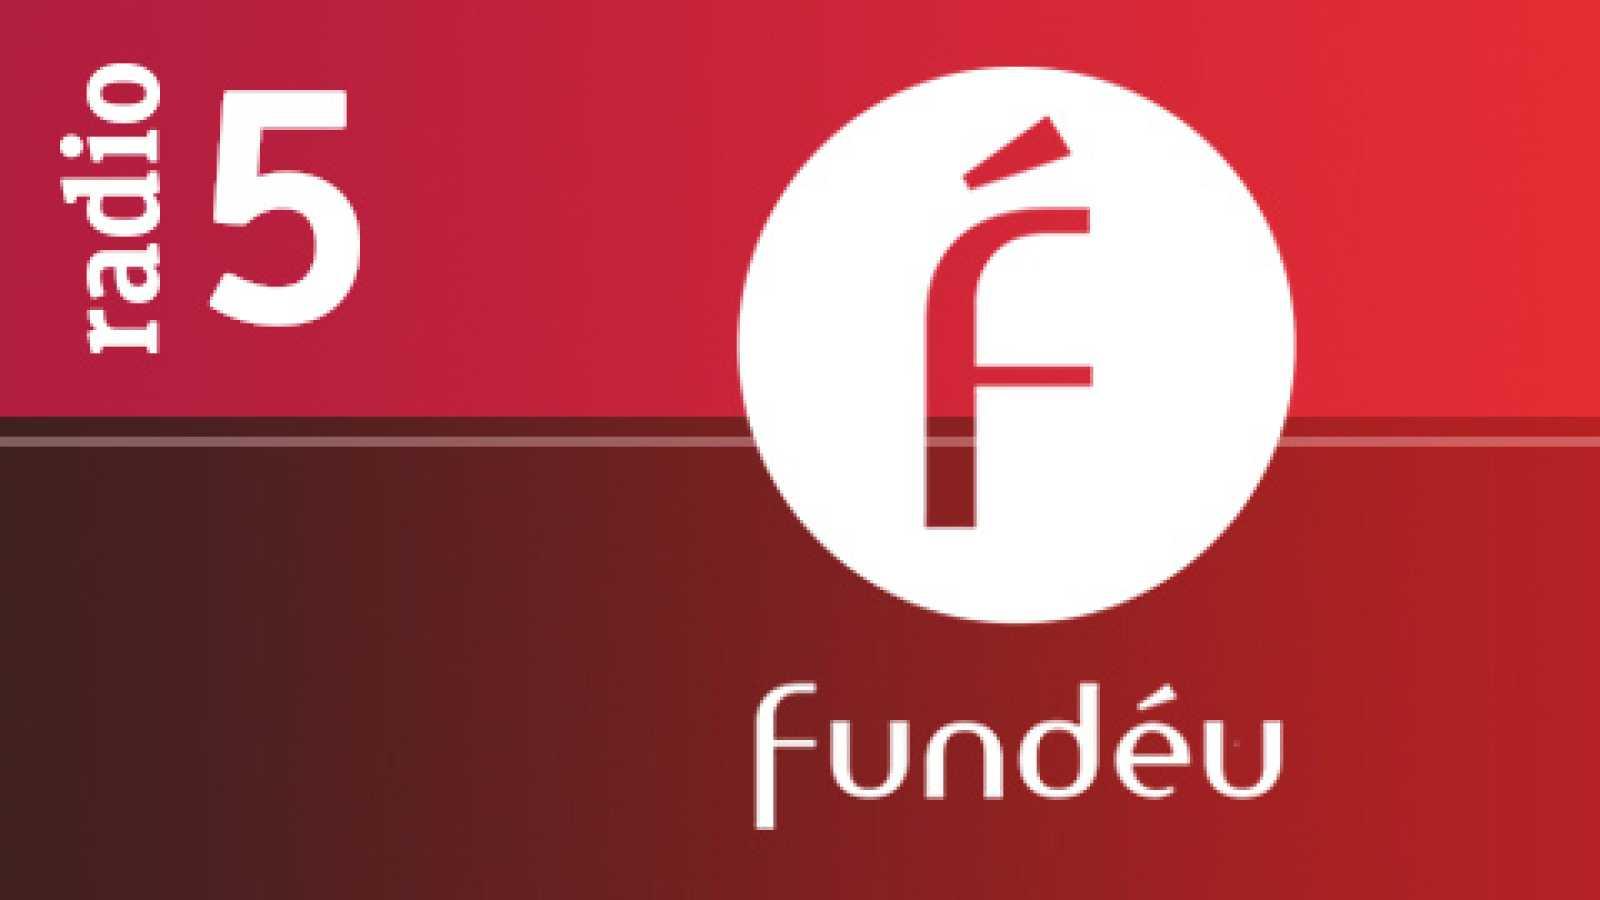 """El español urgente con Fundéu - ¿""""vertir"""" o """"verter""""? - 28/10/19 - Escuchar ahora"""